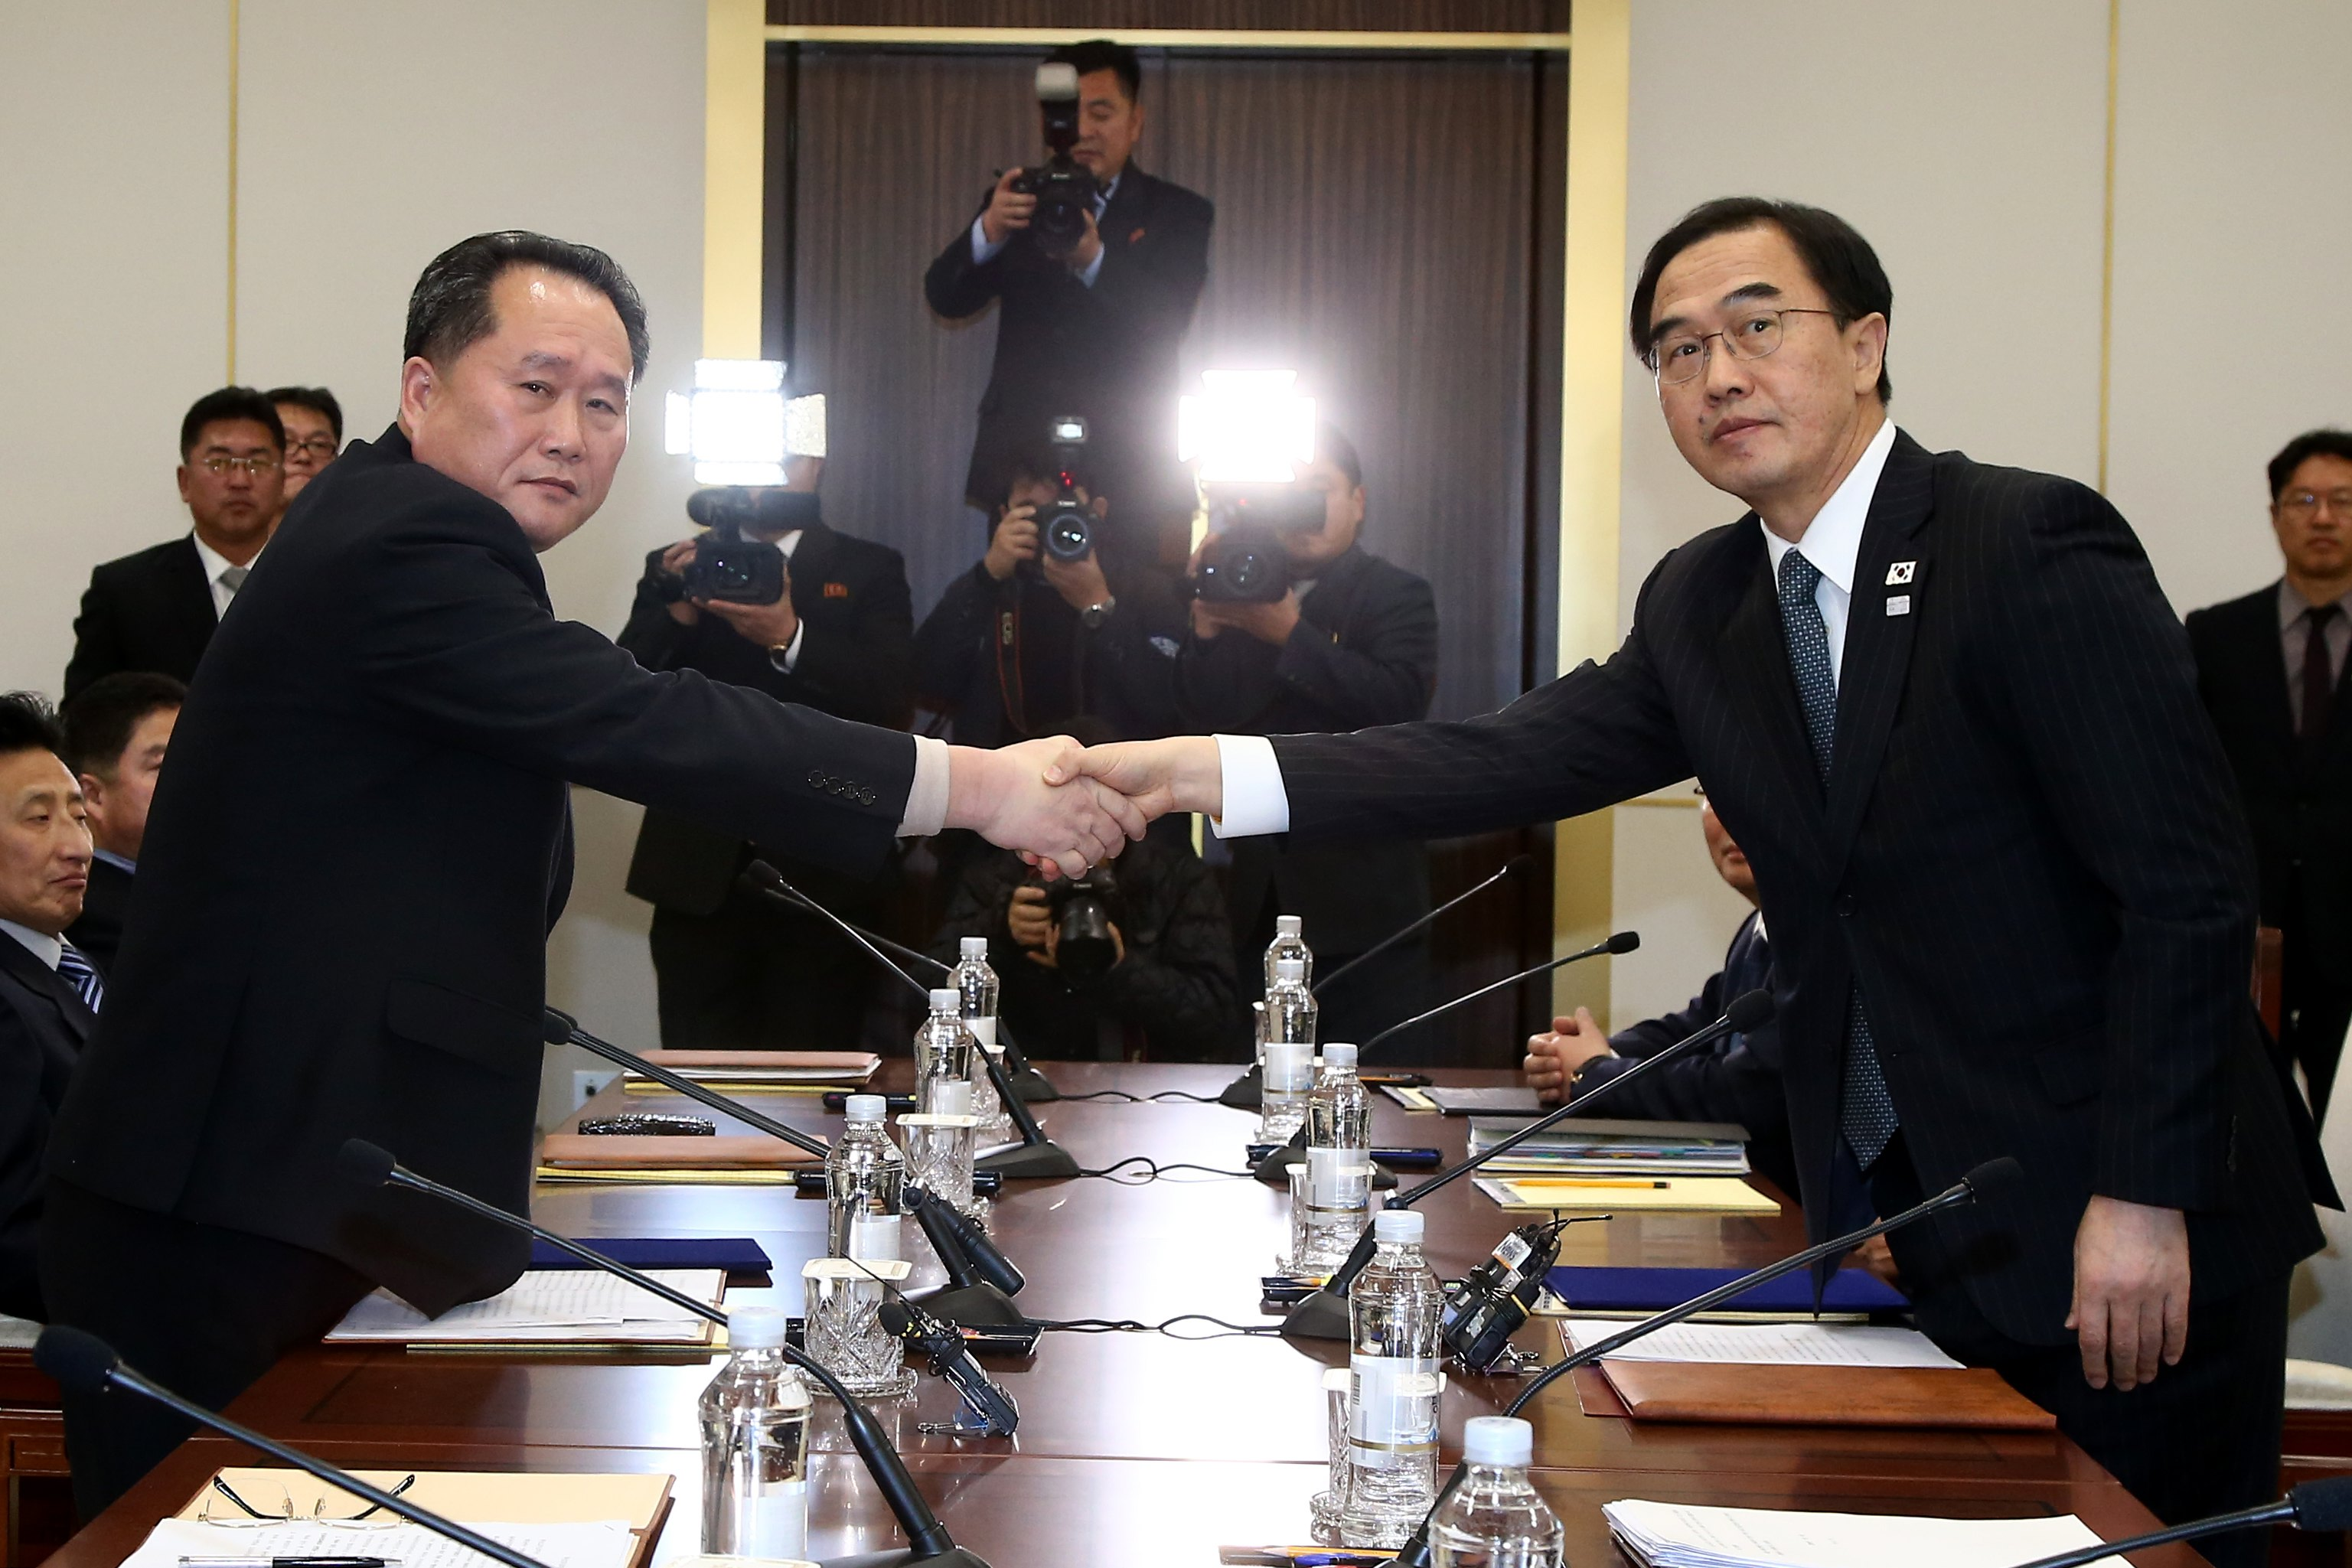 Sjevernokorejski diplomat u Finskoj na susretu s Amerikancima